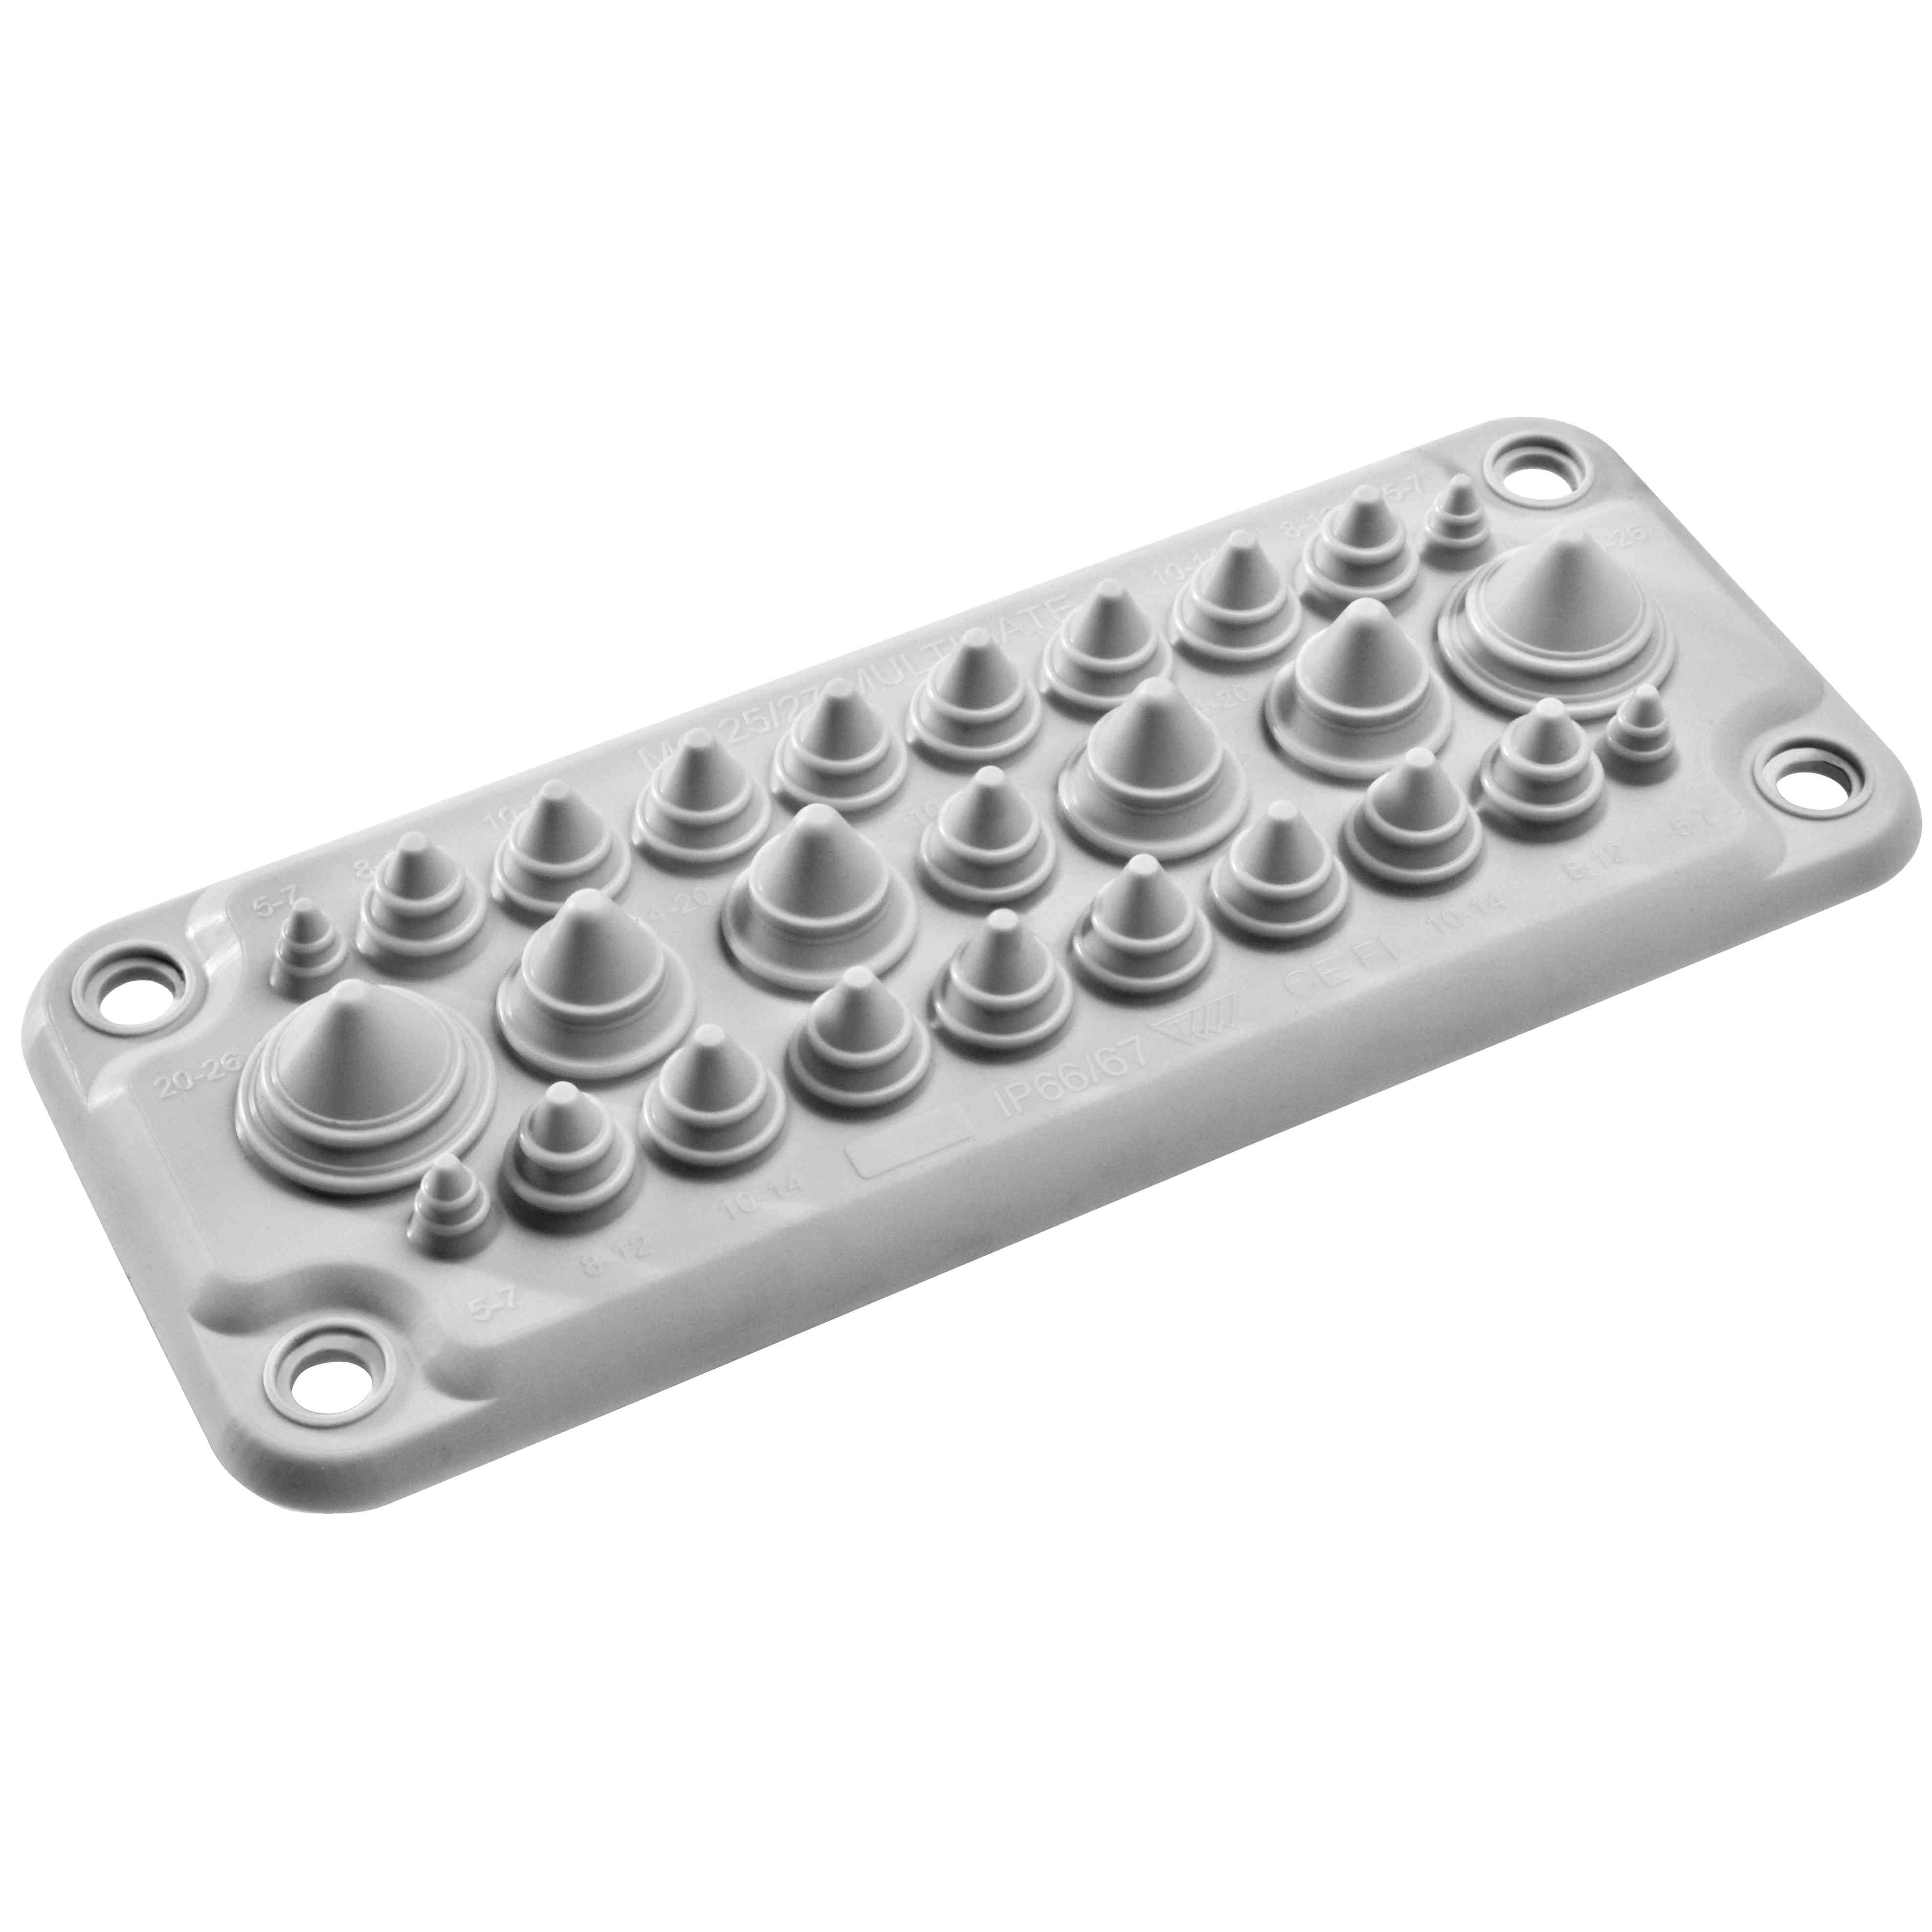 Spacial - membrana za kabelski vhod tipa FL21 s 27 vhodi IP66